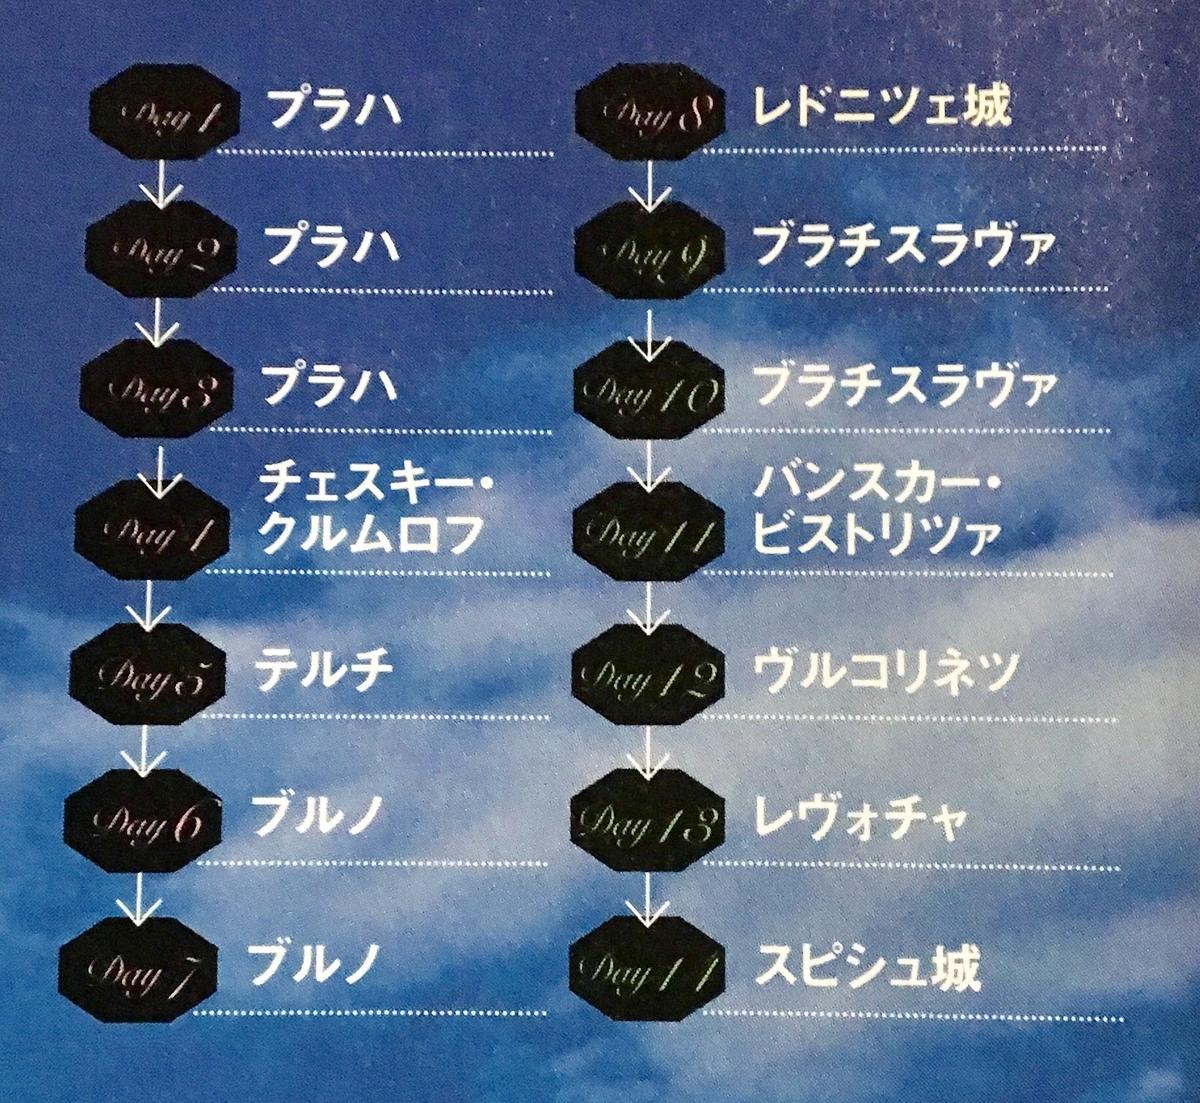 f:id:yusuke-to-yondekudasai:20190408164026j:plain